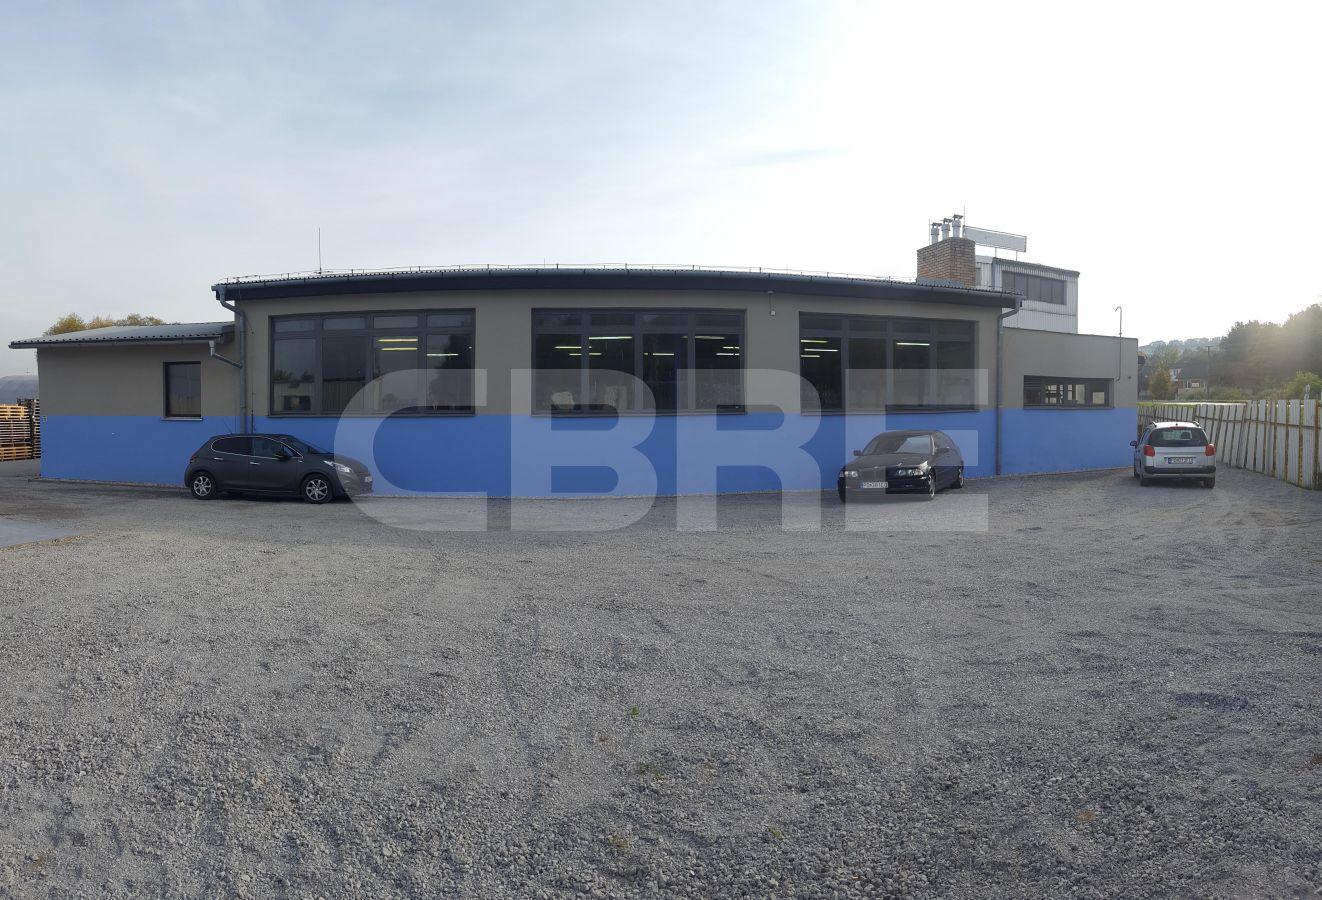 Skladová hala, Ličartovce, Prešovský kraj, Ličartovce | Prenájom a predaj skladov a výrobných hál od CBRE | 6